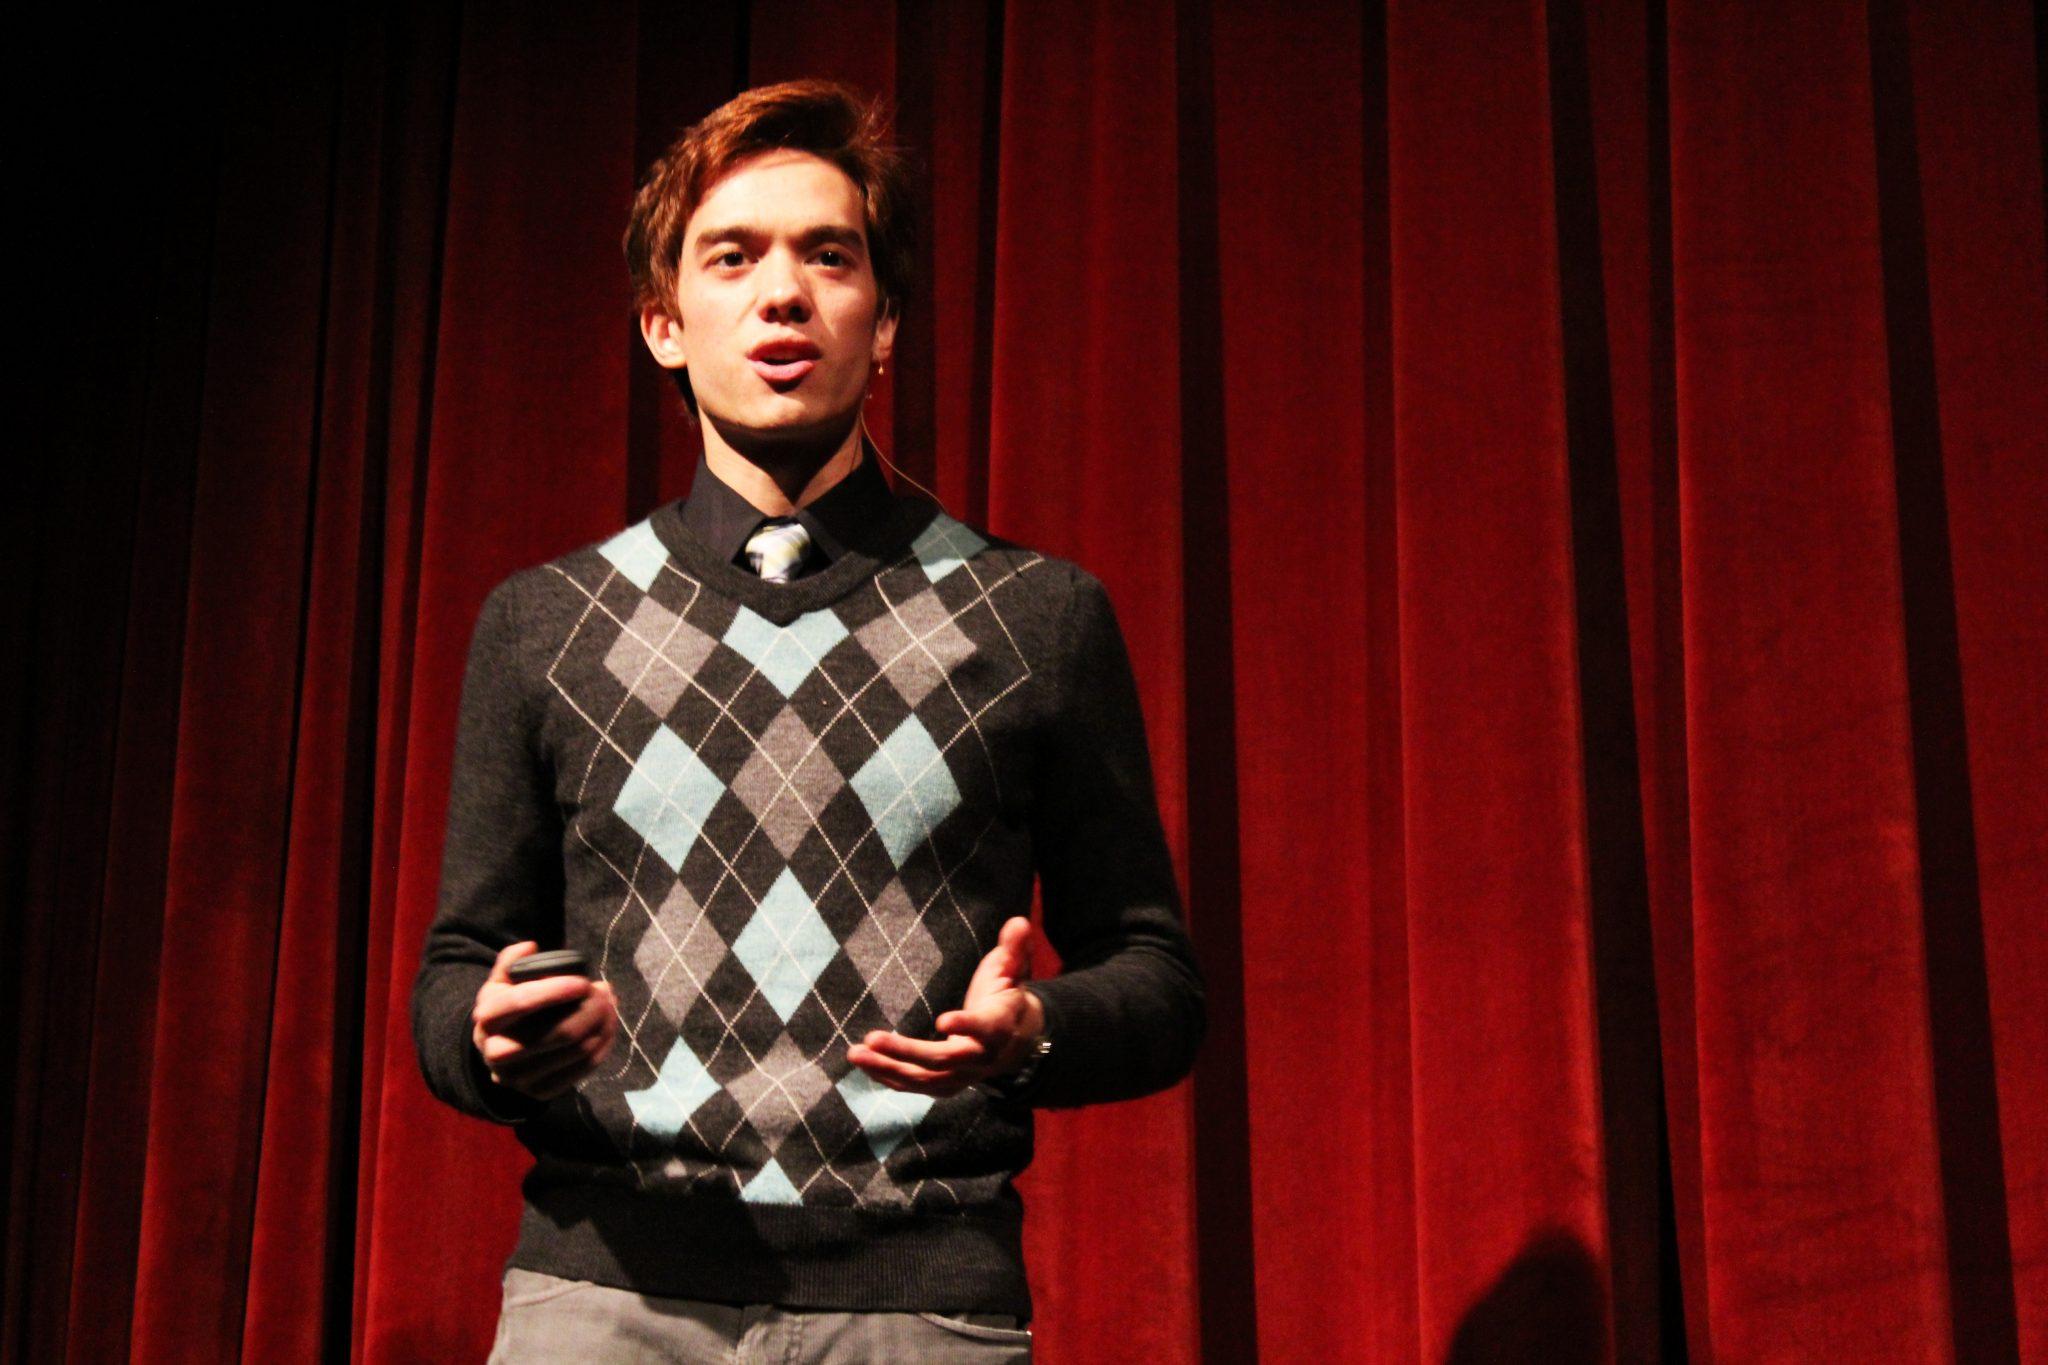 (Re)defining Renaissance: Brandon Wolfe at TEDxTrousdale 2013